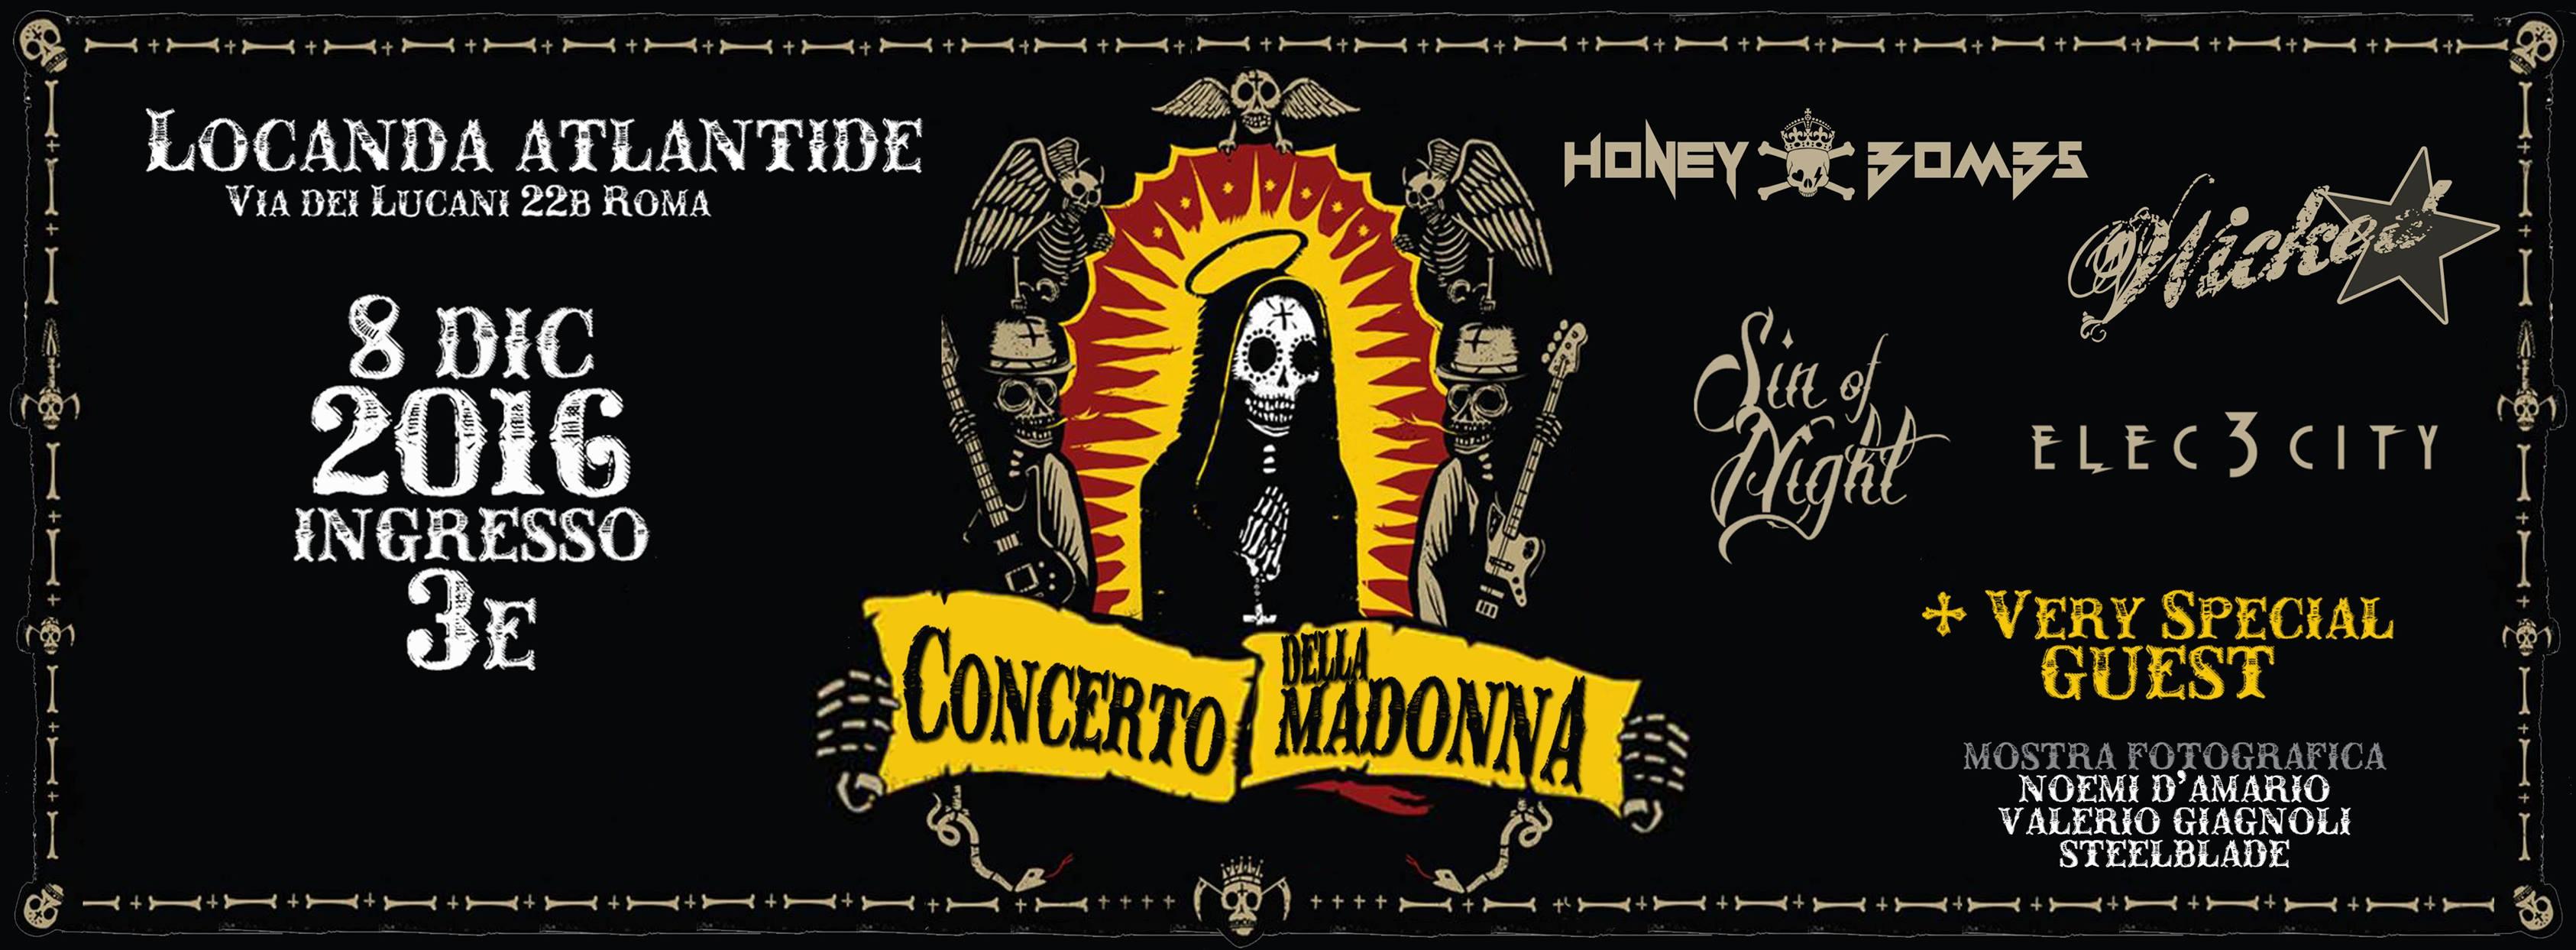 Concerto della Madonna e foto da Dio! @ Locanda Atlantide  | Roma | Lazio | Italia